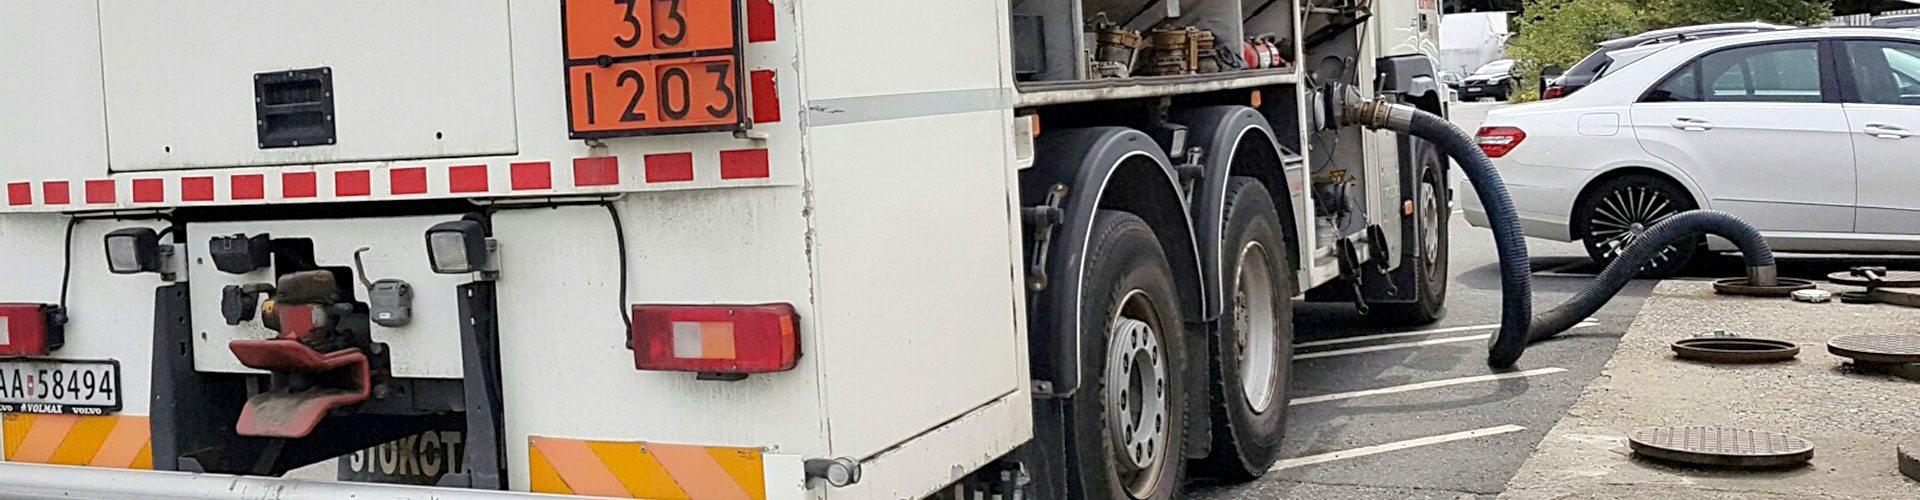 tankbil fyller på diesel